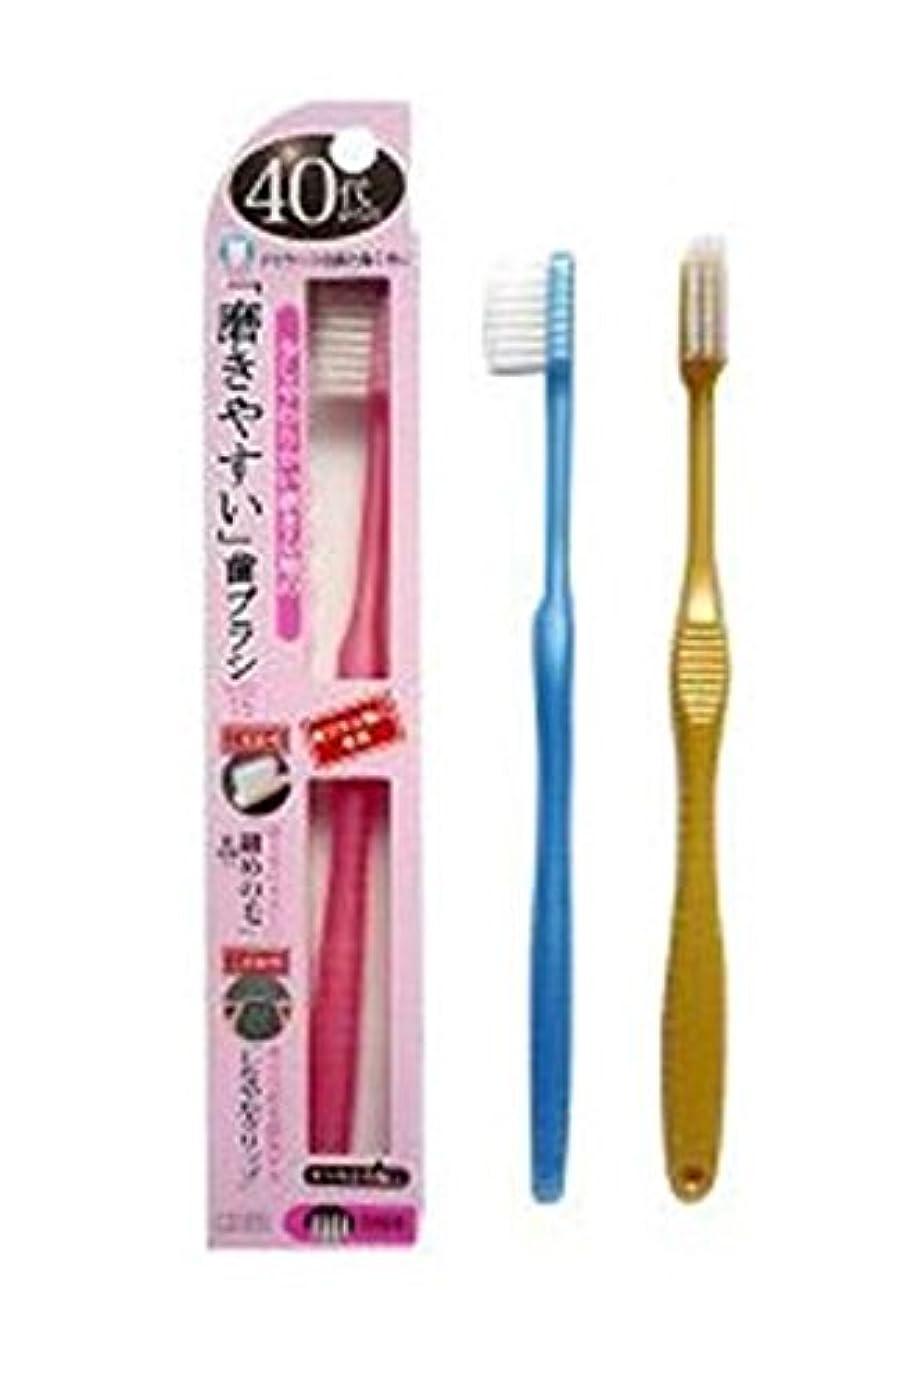 喜んでハーブアフリカ人ライフレンジ 40代からの「磨きやすい」歯ブラシ 先細 12本 (ピンク4、ブルー4、ゴールド4)アソート